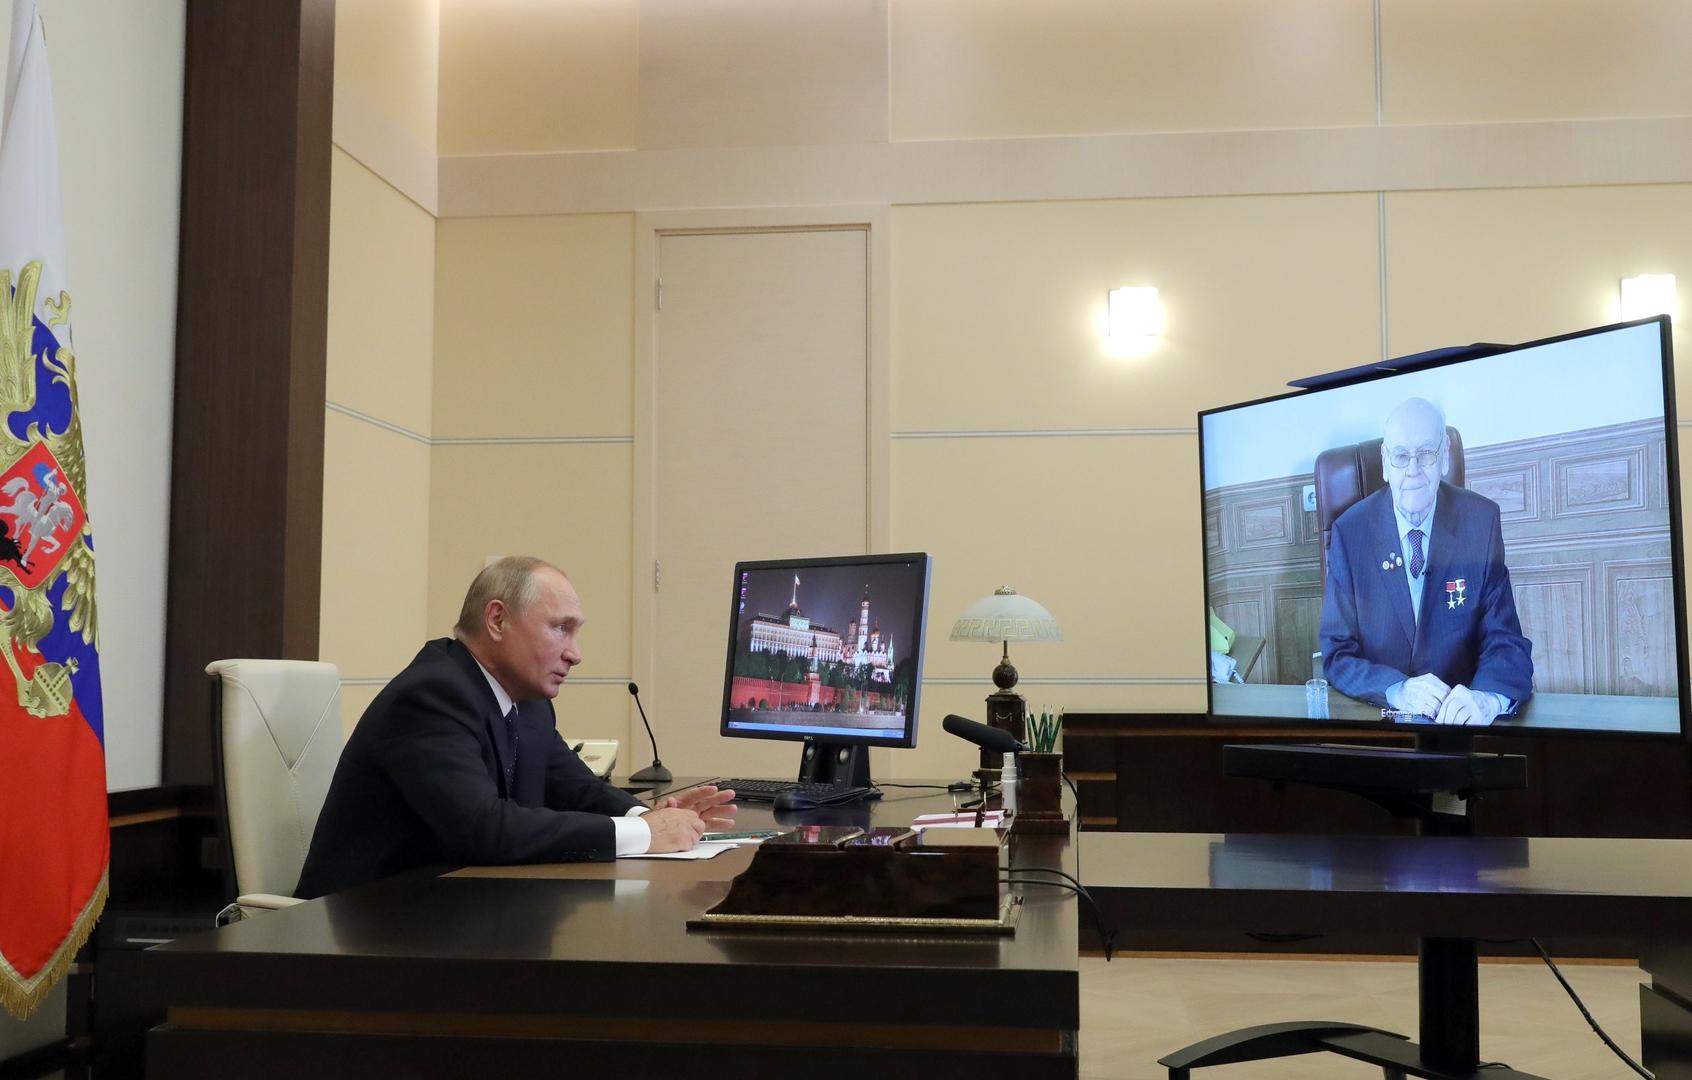 الرئيس الروسي، فلاديمير بوتين، يجري اتصالا عبر الفيديو مع مصمم الصواريخ، غربرت يفريموف